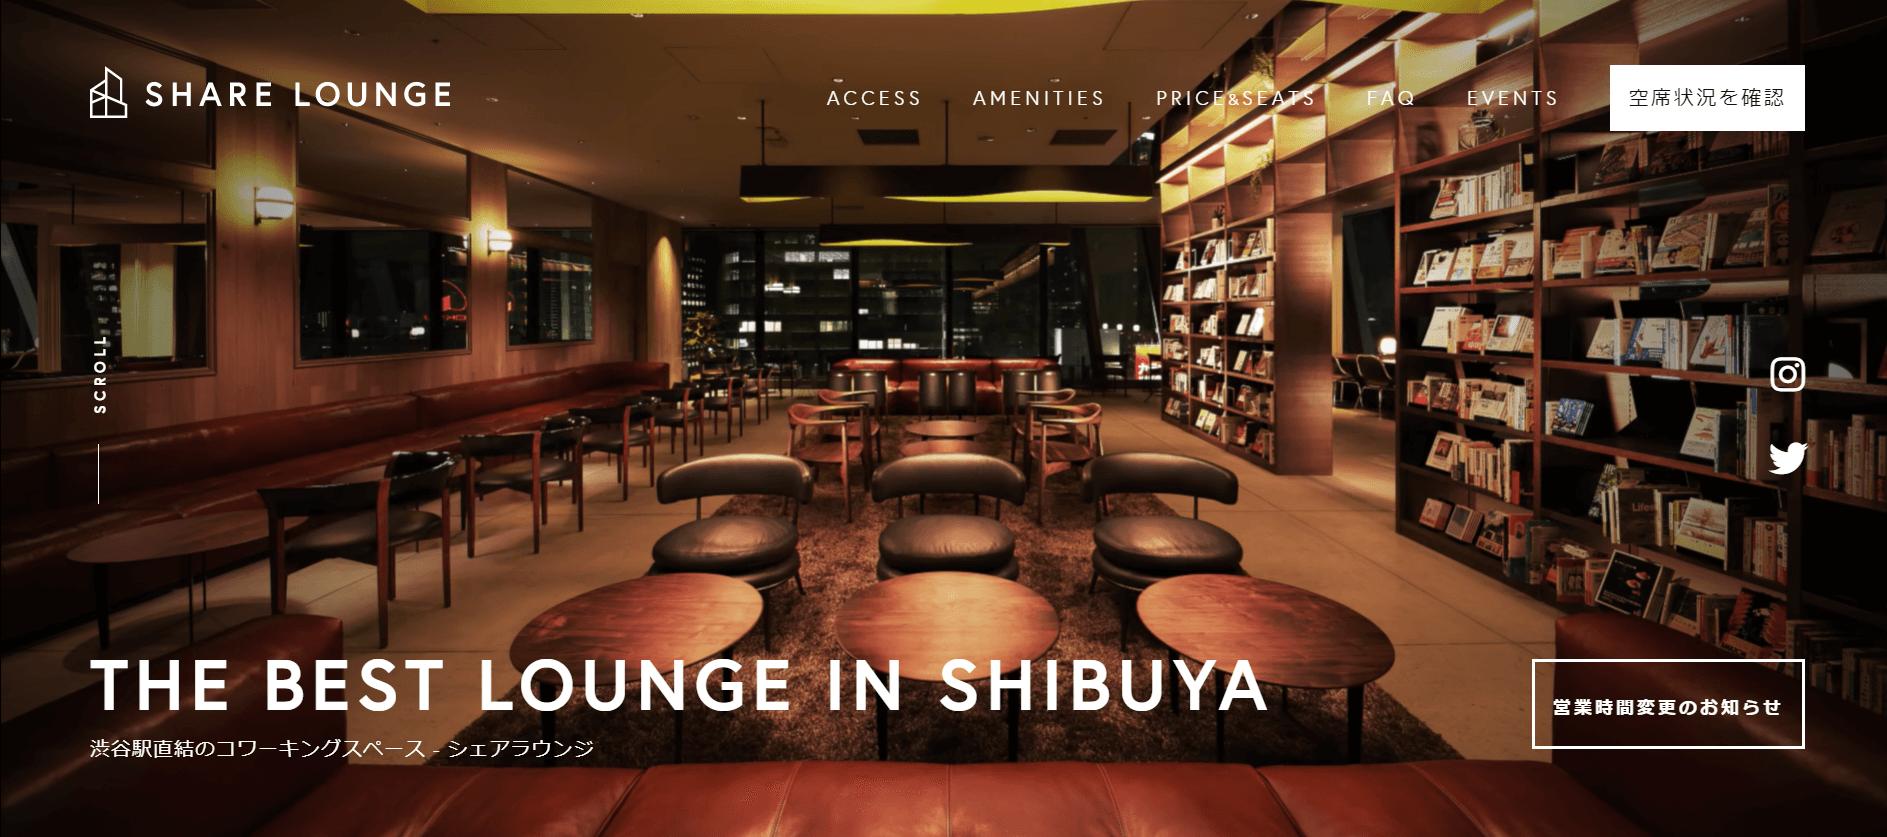 渋谷区の人気おすすめコワーキングスペースSHARE LOUNGE(シェアラウンジ)IN SHIBUYA